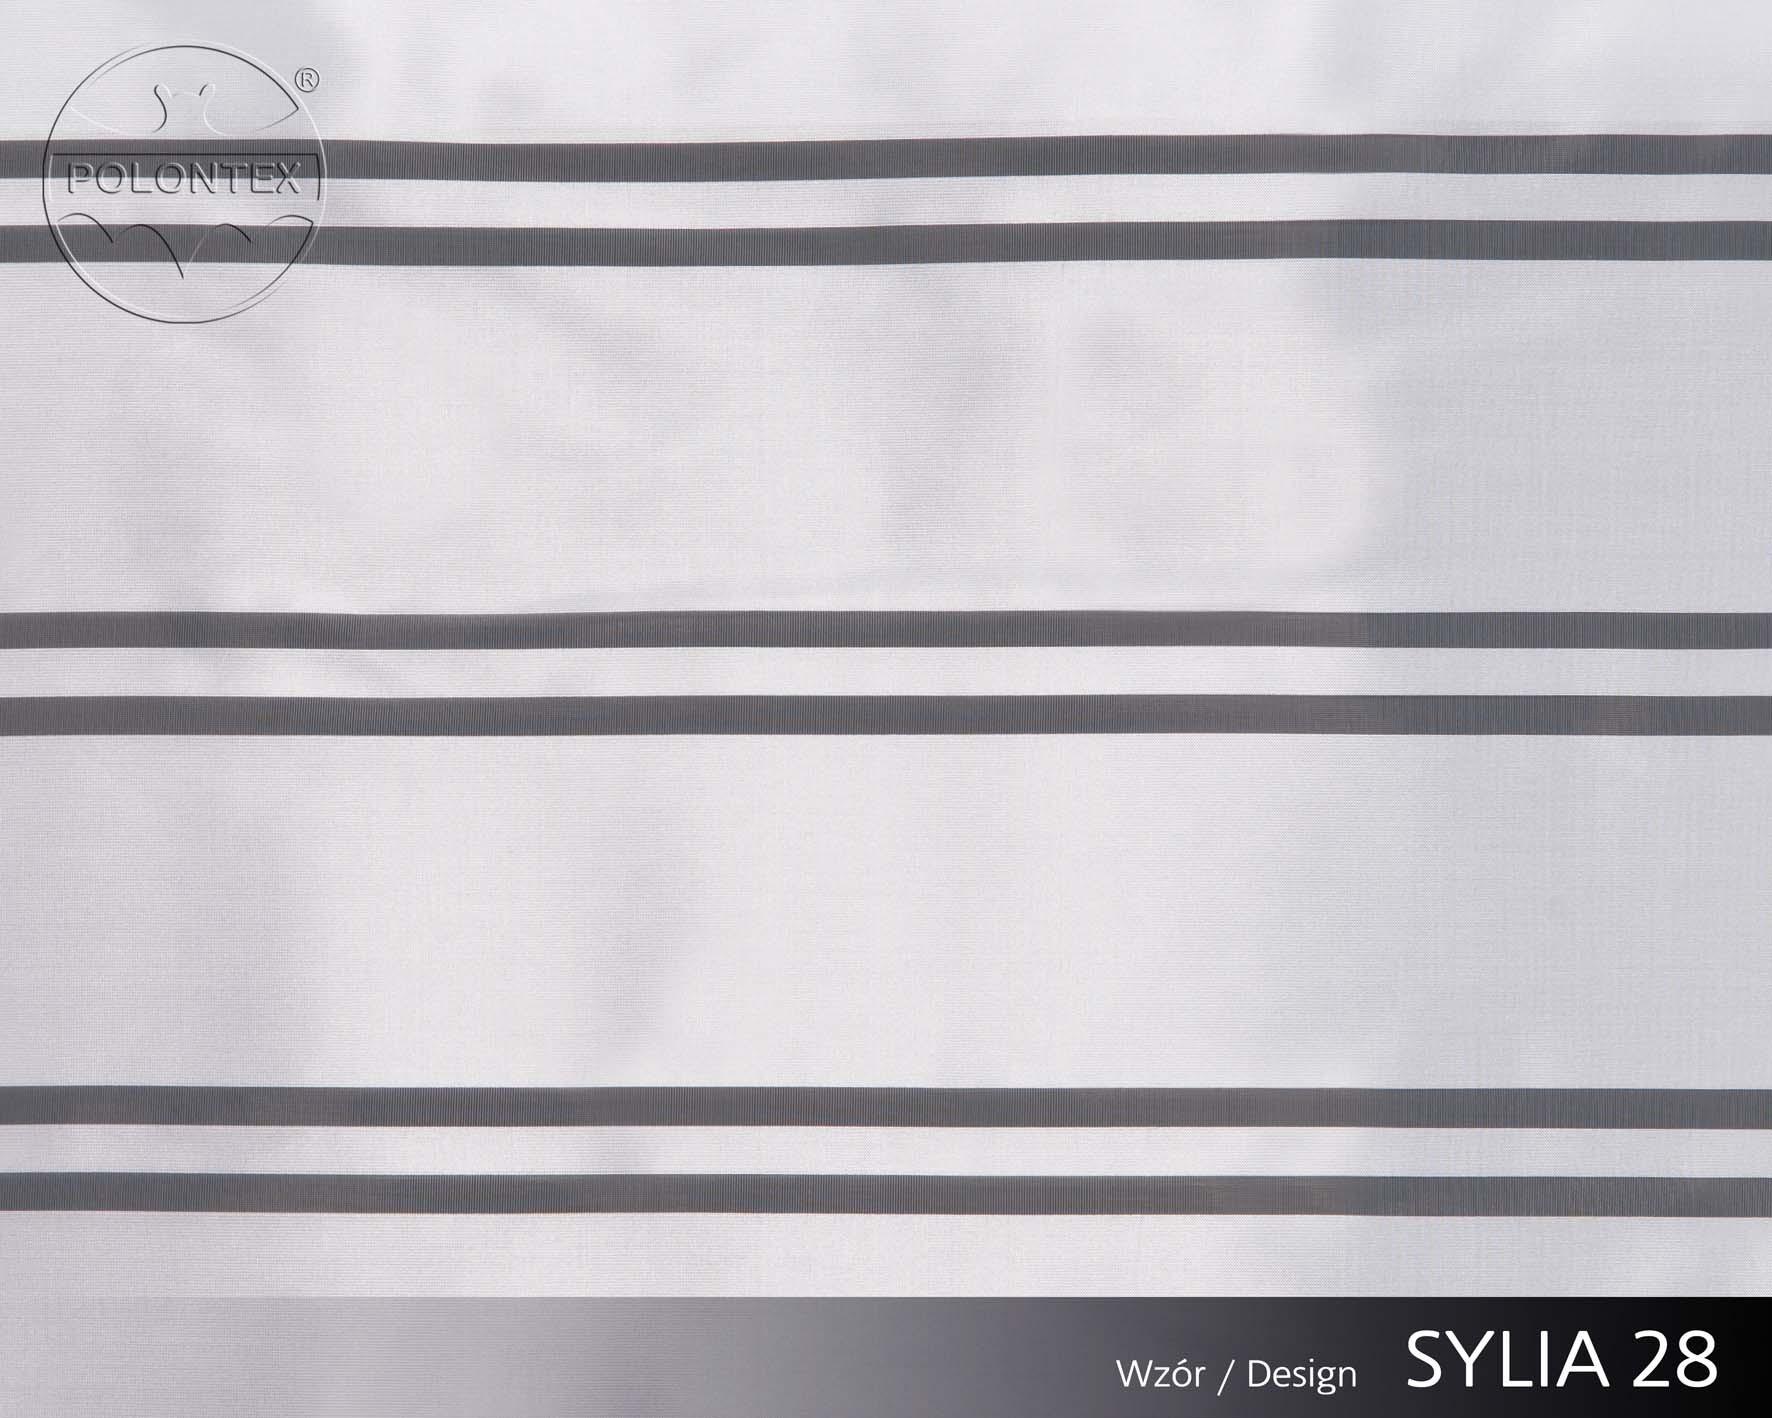 SYLIA 28